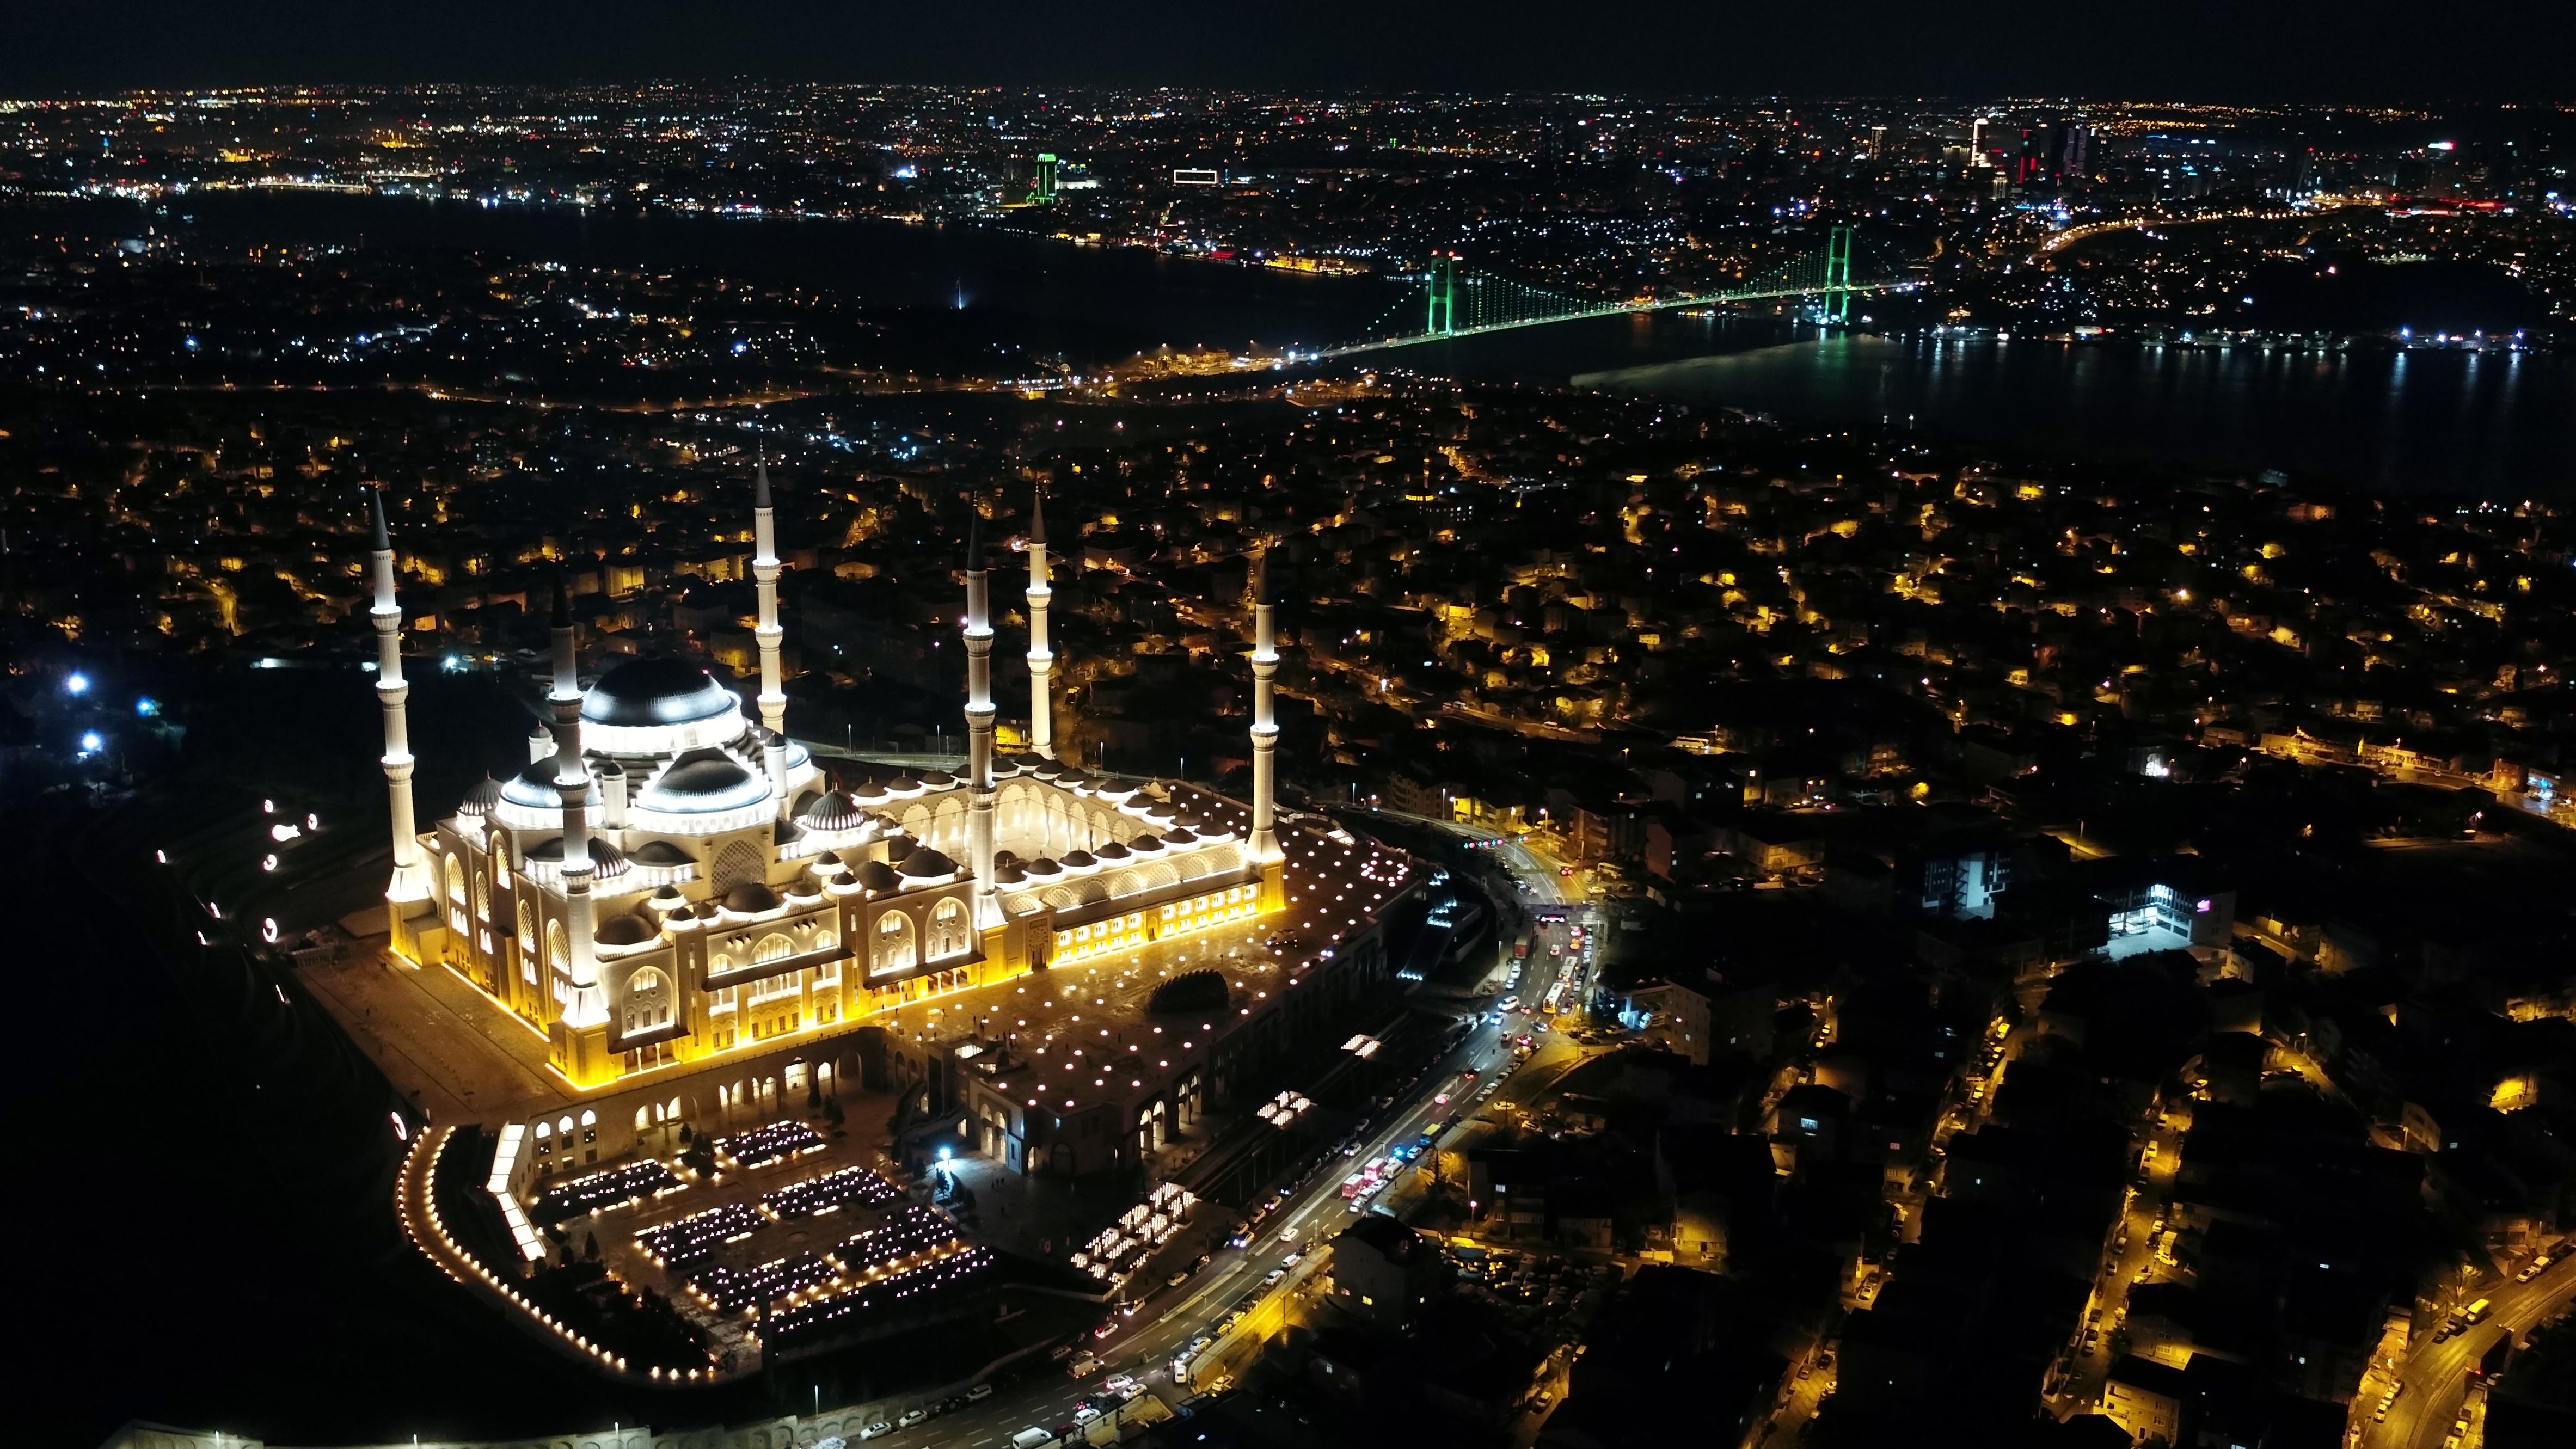 السياحة الحلال لهذه الأسباب دولة تركيا وجهة مفضلة للعرب والمسلمين 20190308_2_35321443_42384753